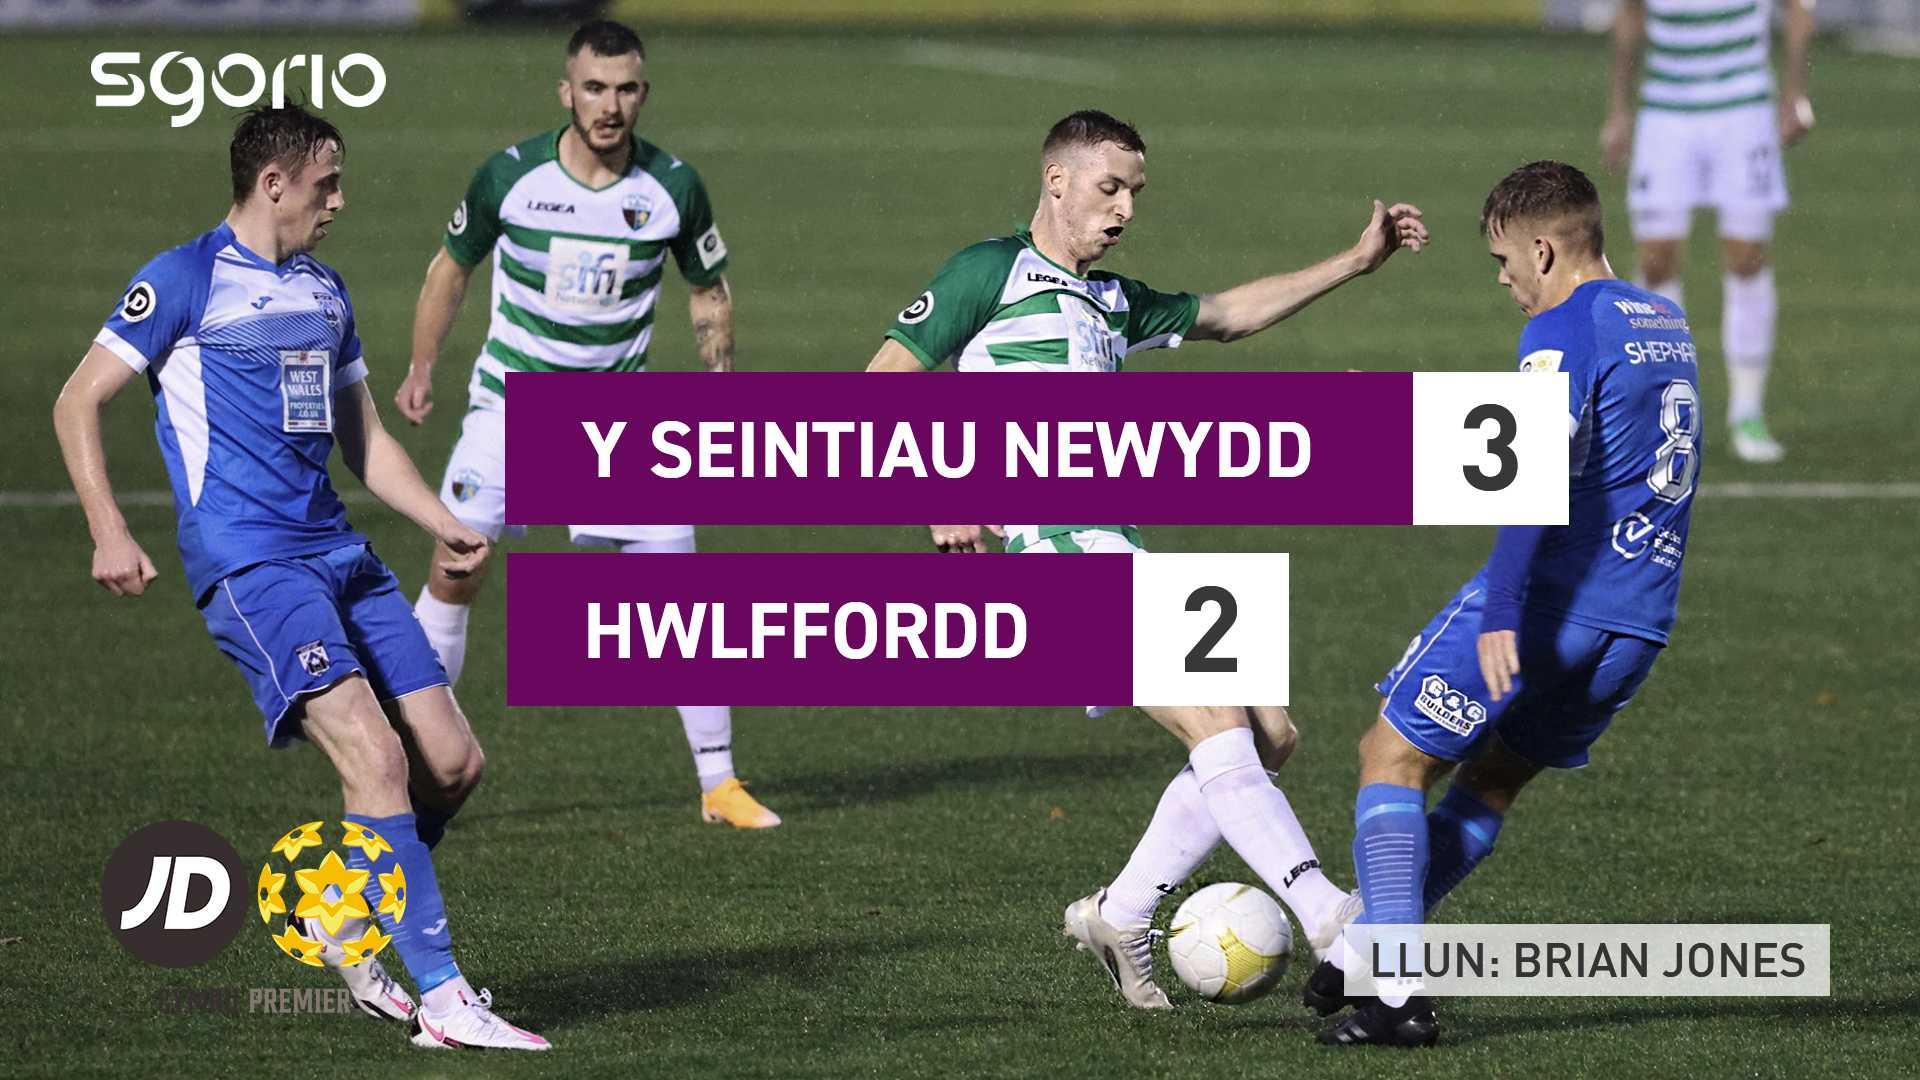 Y Seintiau Newydd 3-2 Hwlffordd